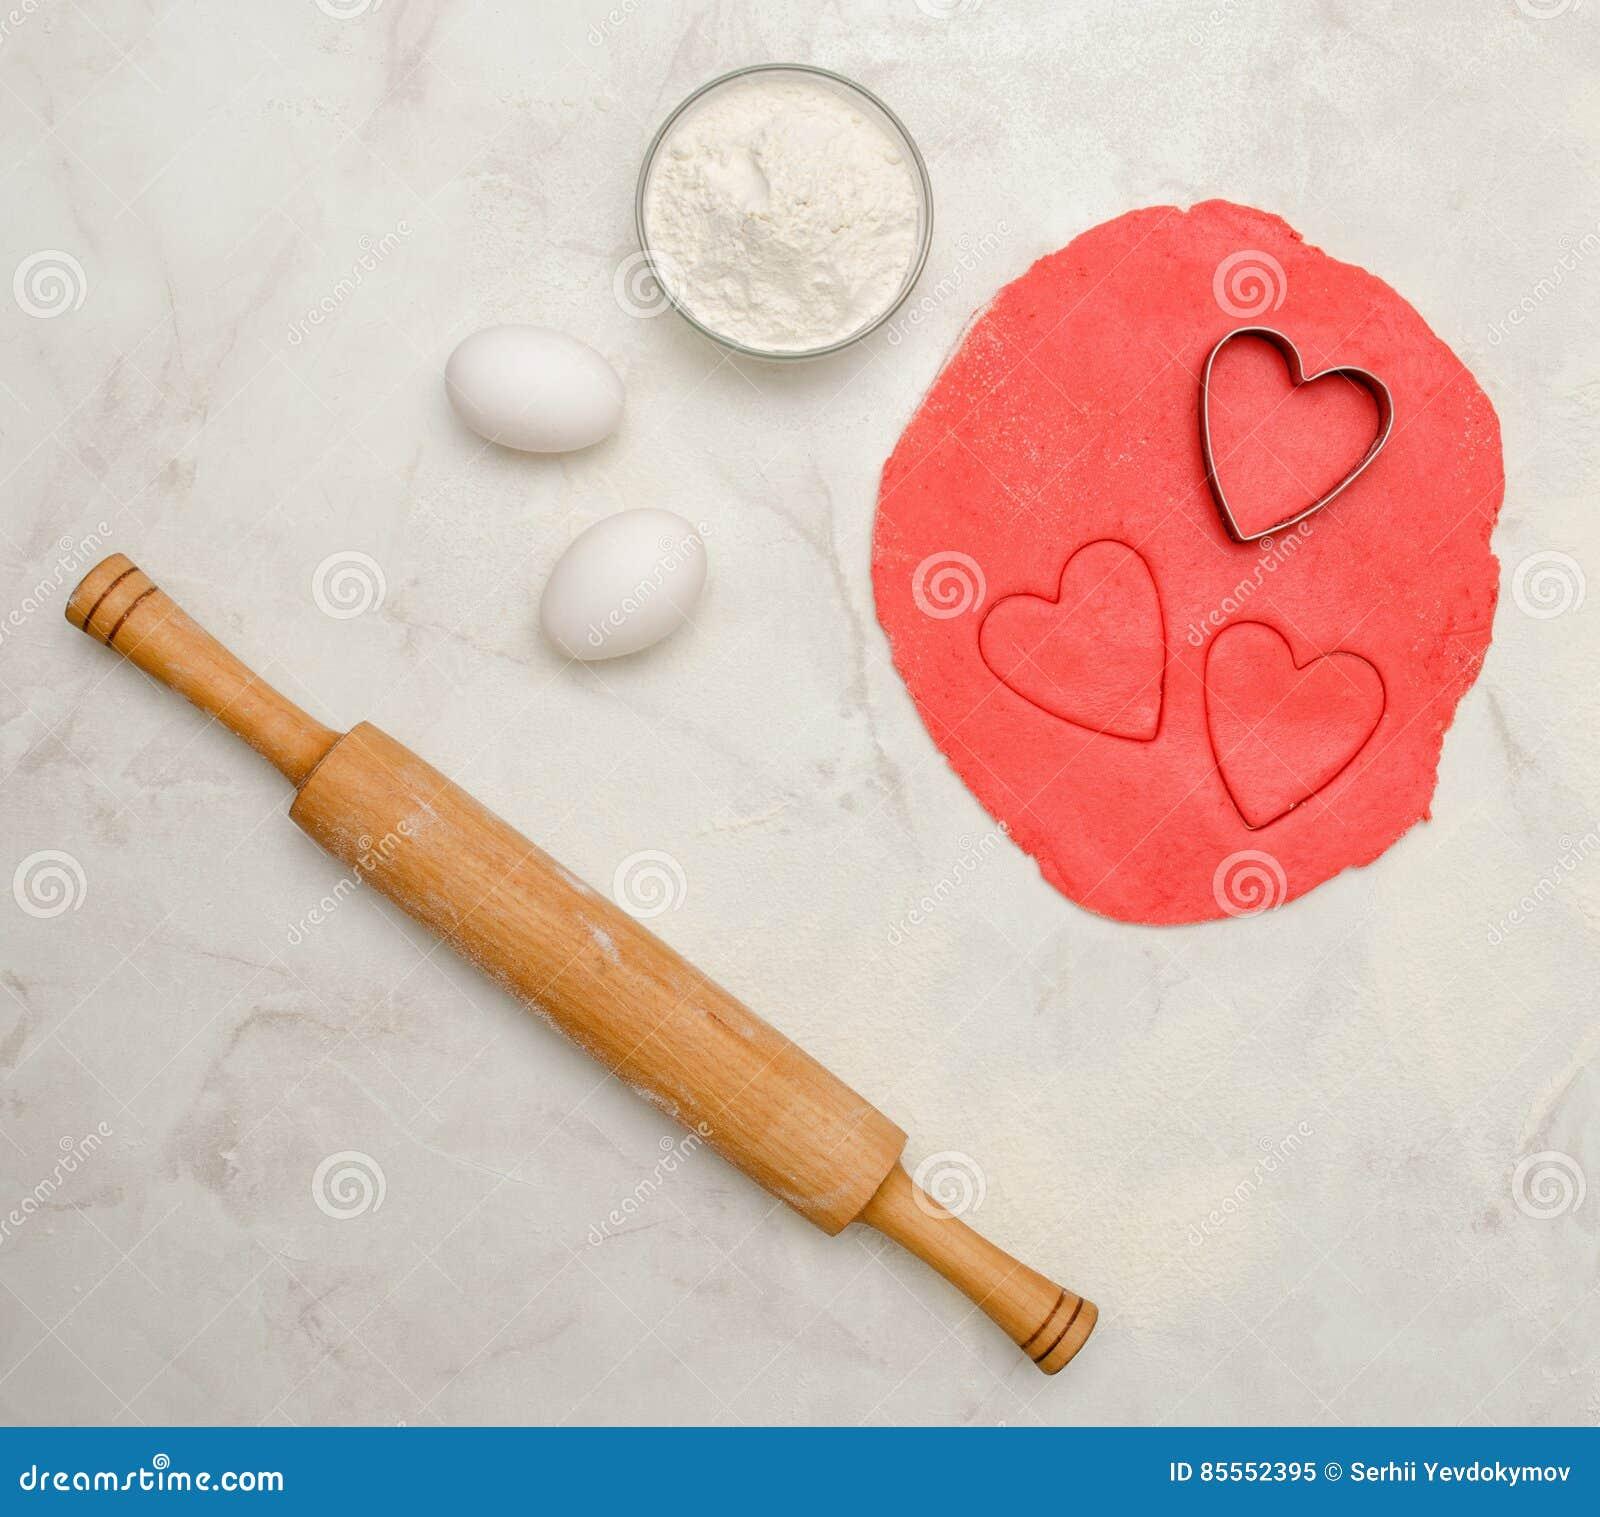 Roter Teig mit einem herausgeschnittenen Herzen, Eiern, Mehl und Nudelholz, auf einer weißen Tabelle Draufsicht, Raum für Text